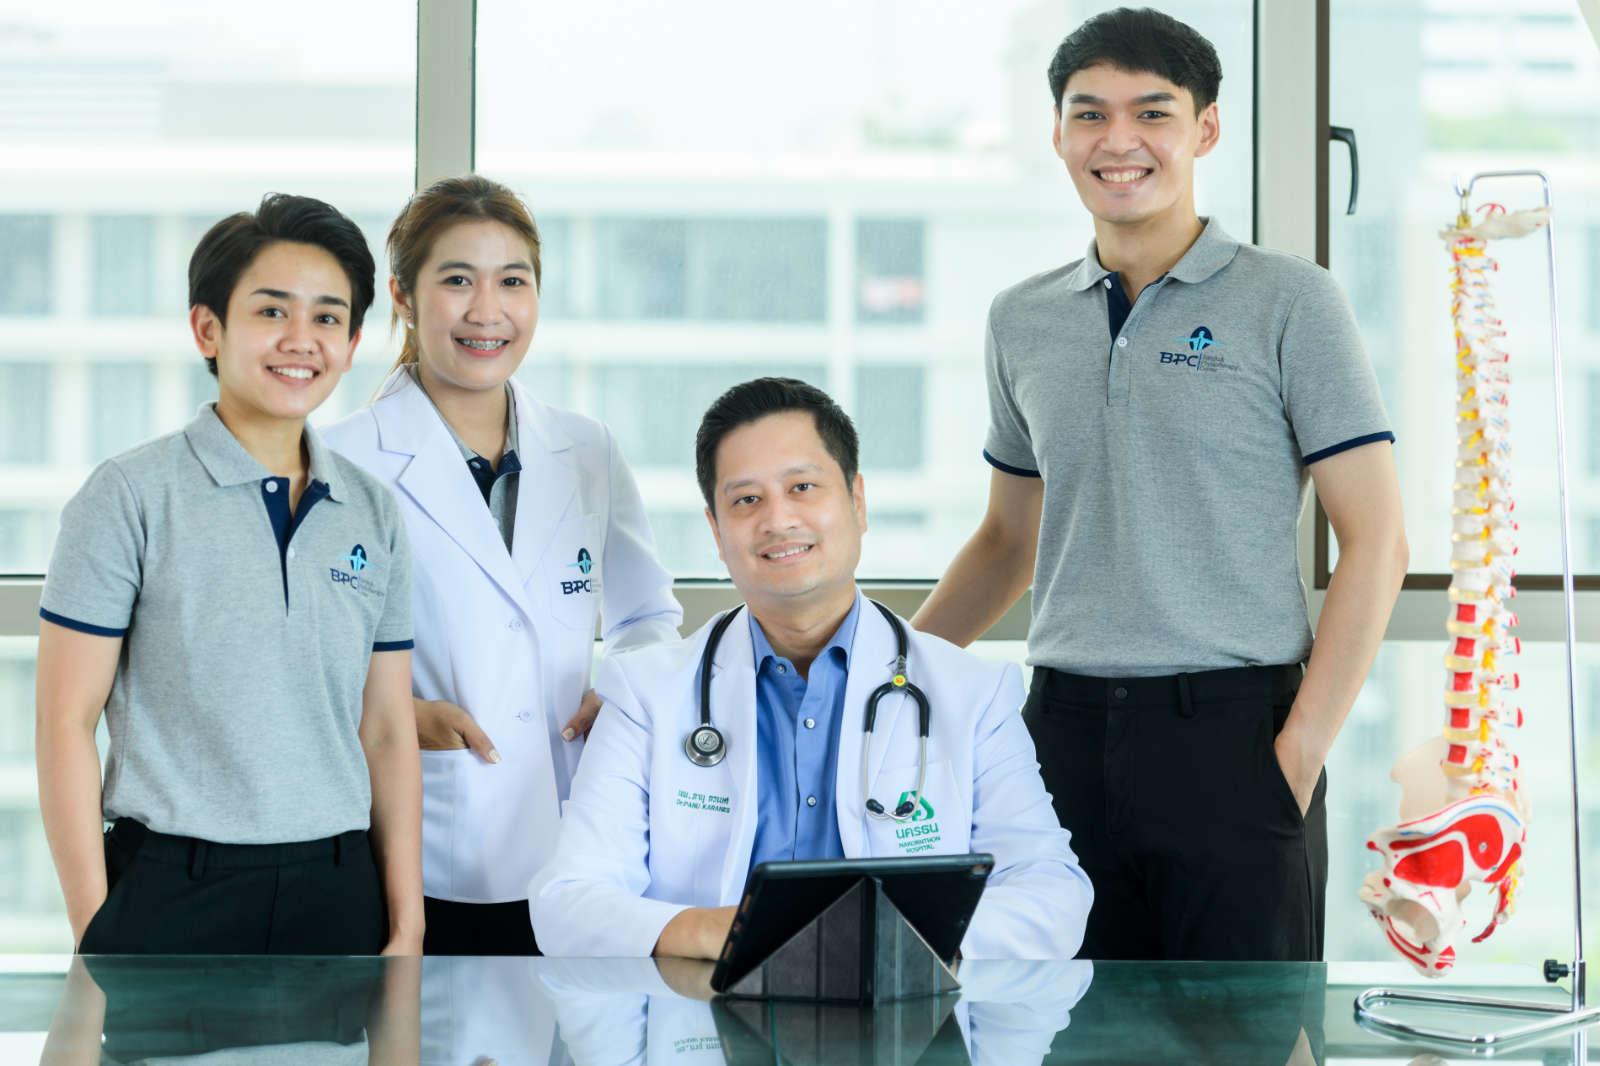 The BPC Team